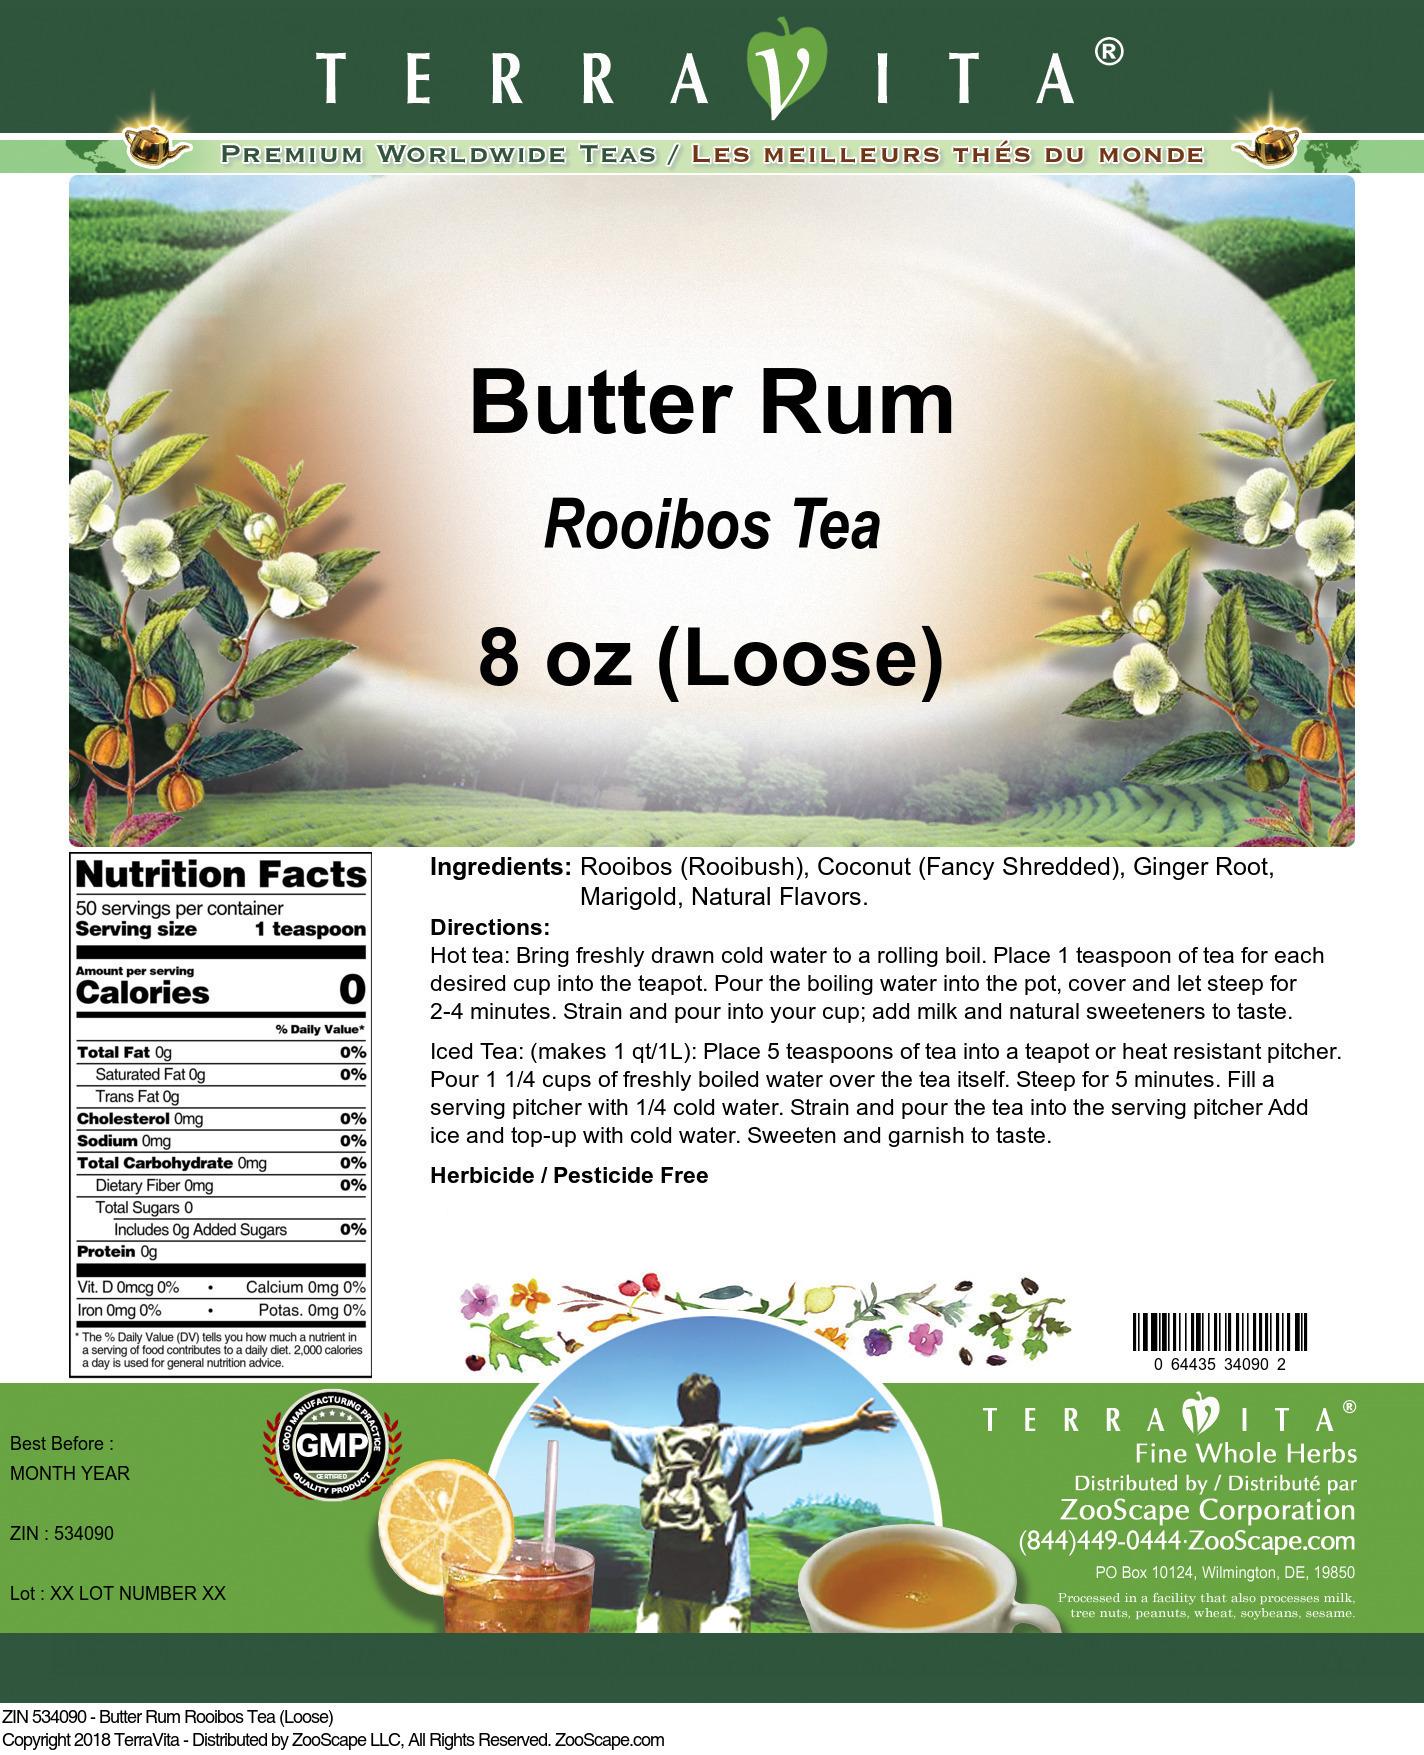 Butter Rum Rooibos Tea (Loose)